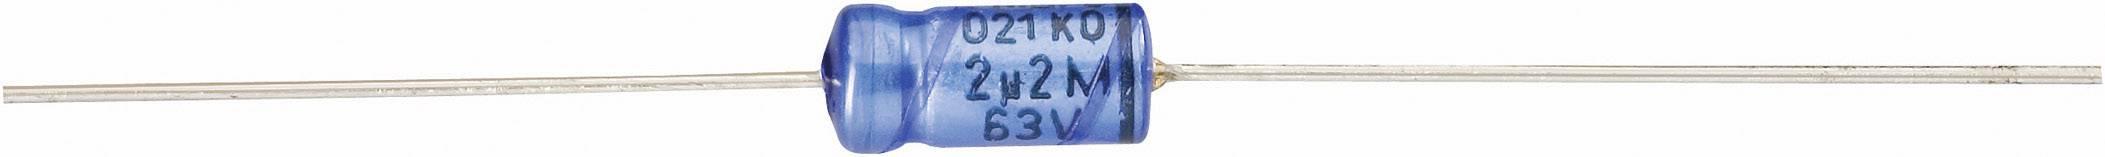 Elektrolytický kondenzátor Vishay 2222 021 38101, axiálne vývody, 100 µF, 63 V, 20 %, 1 ks